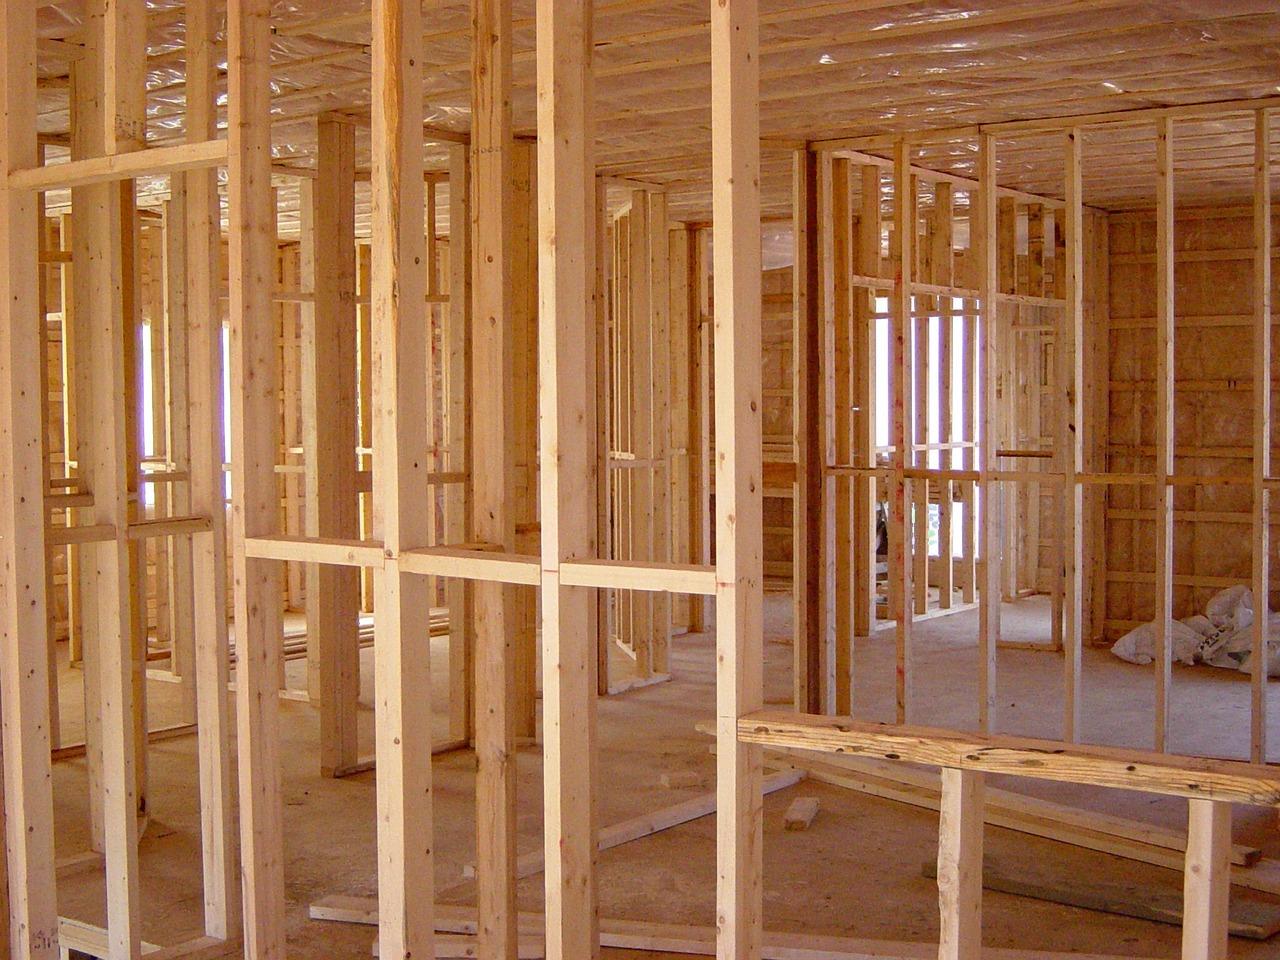 construction-19696_1280.jpg